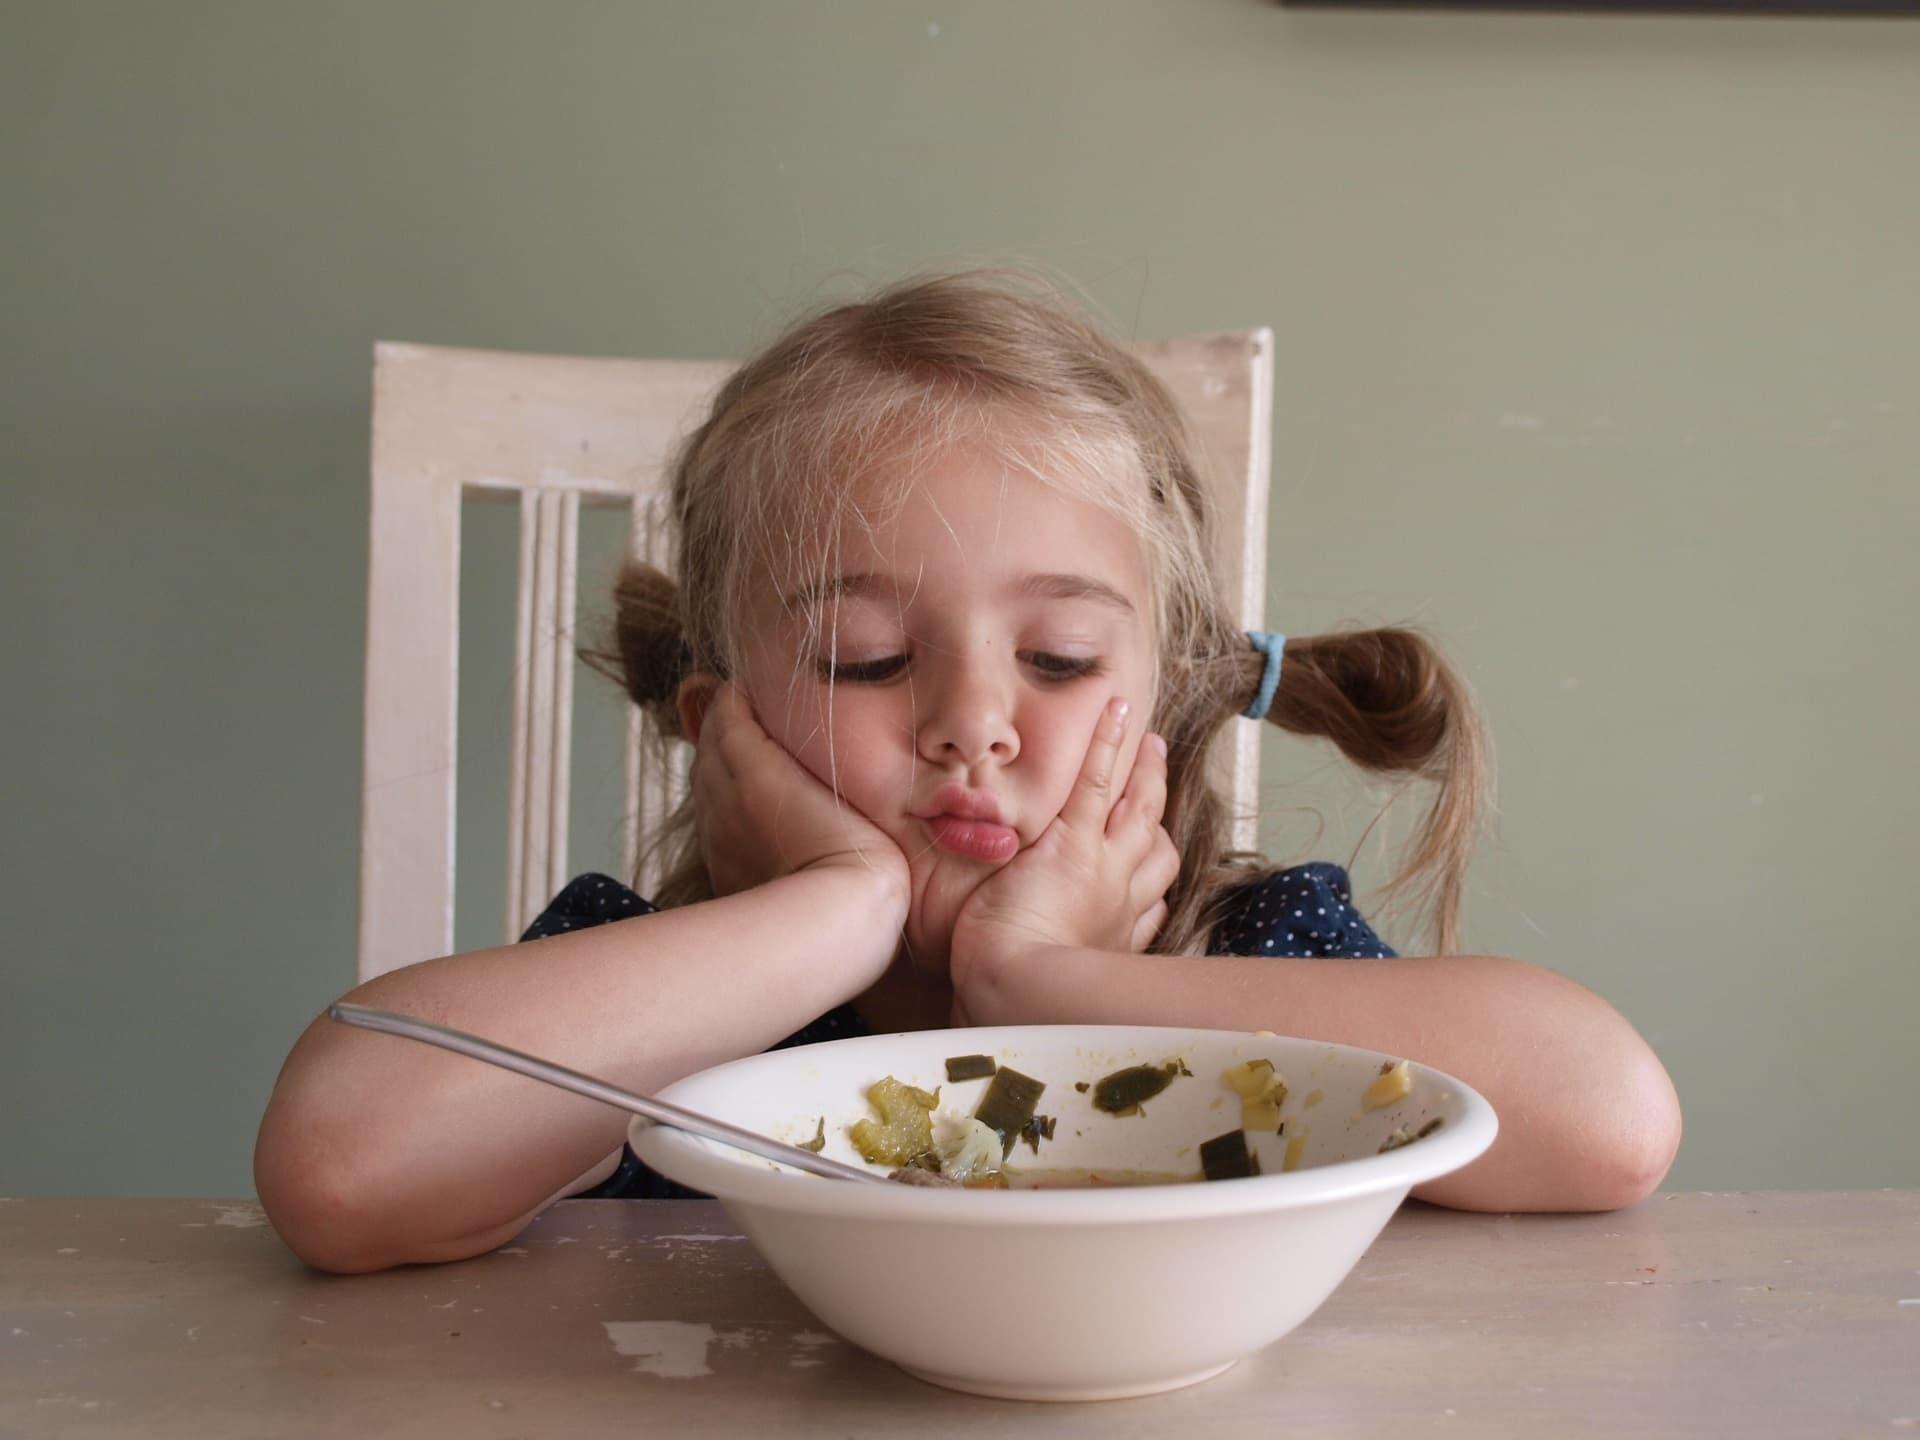 Kind vor halbvollem Teller